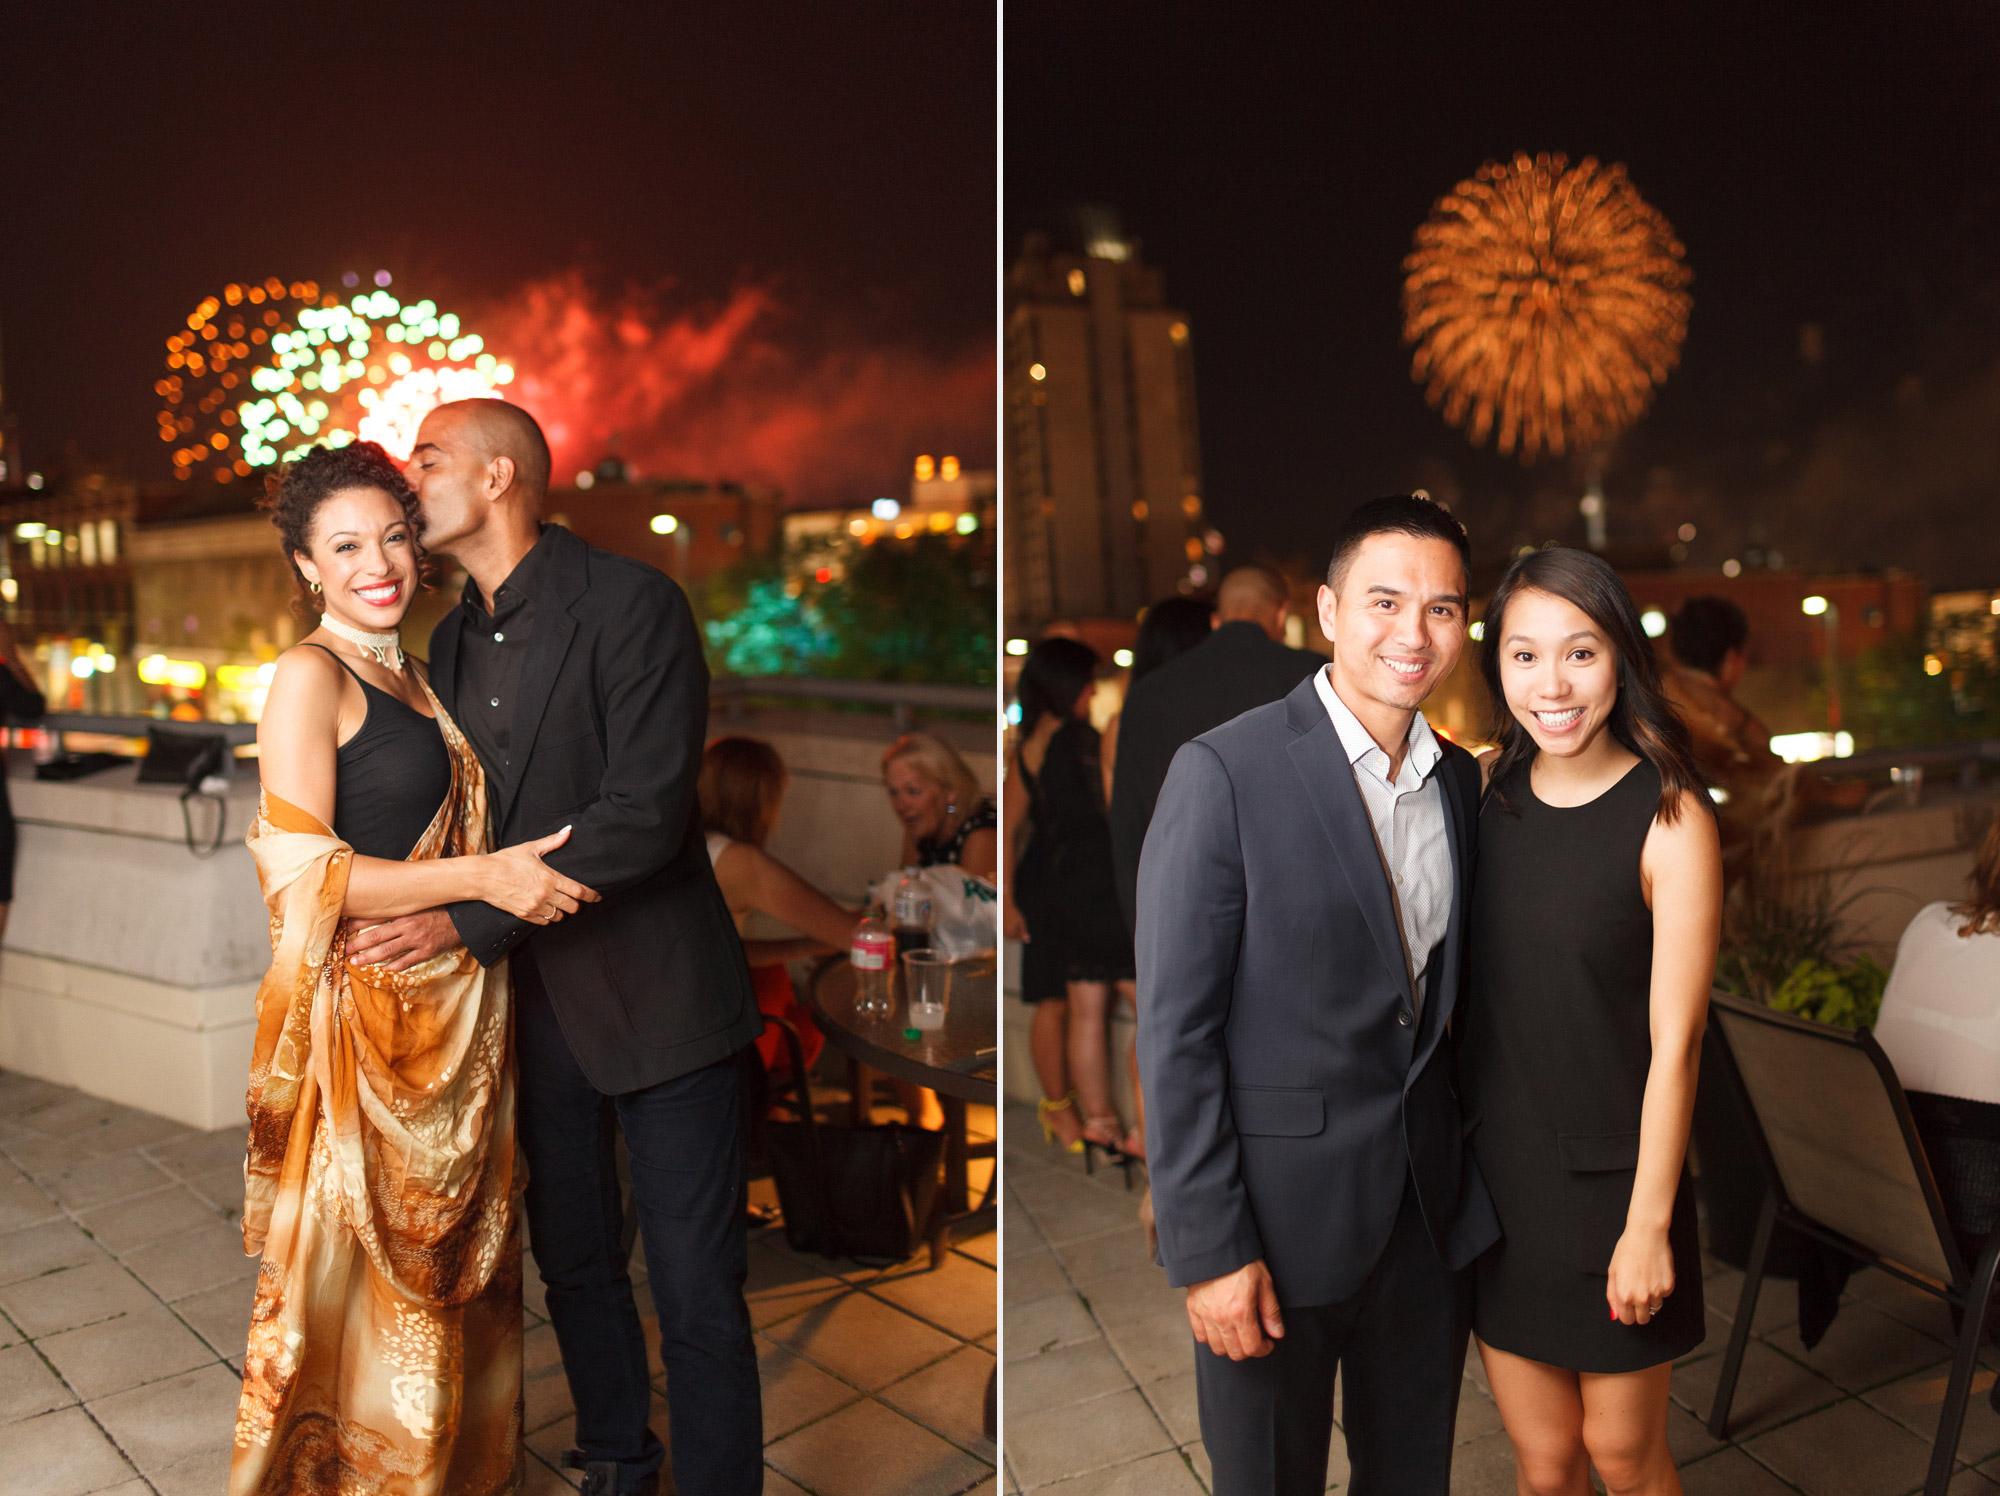 ottawa engagement party photographer